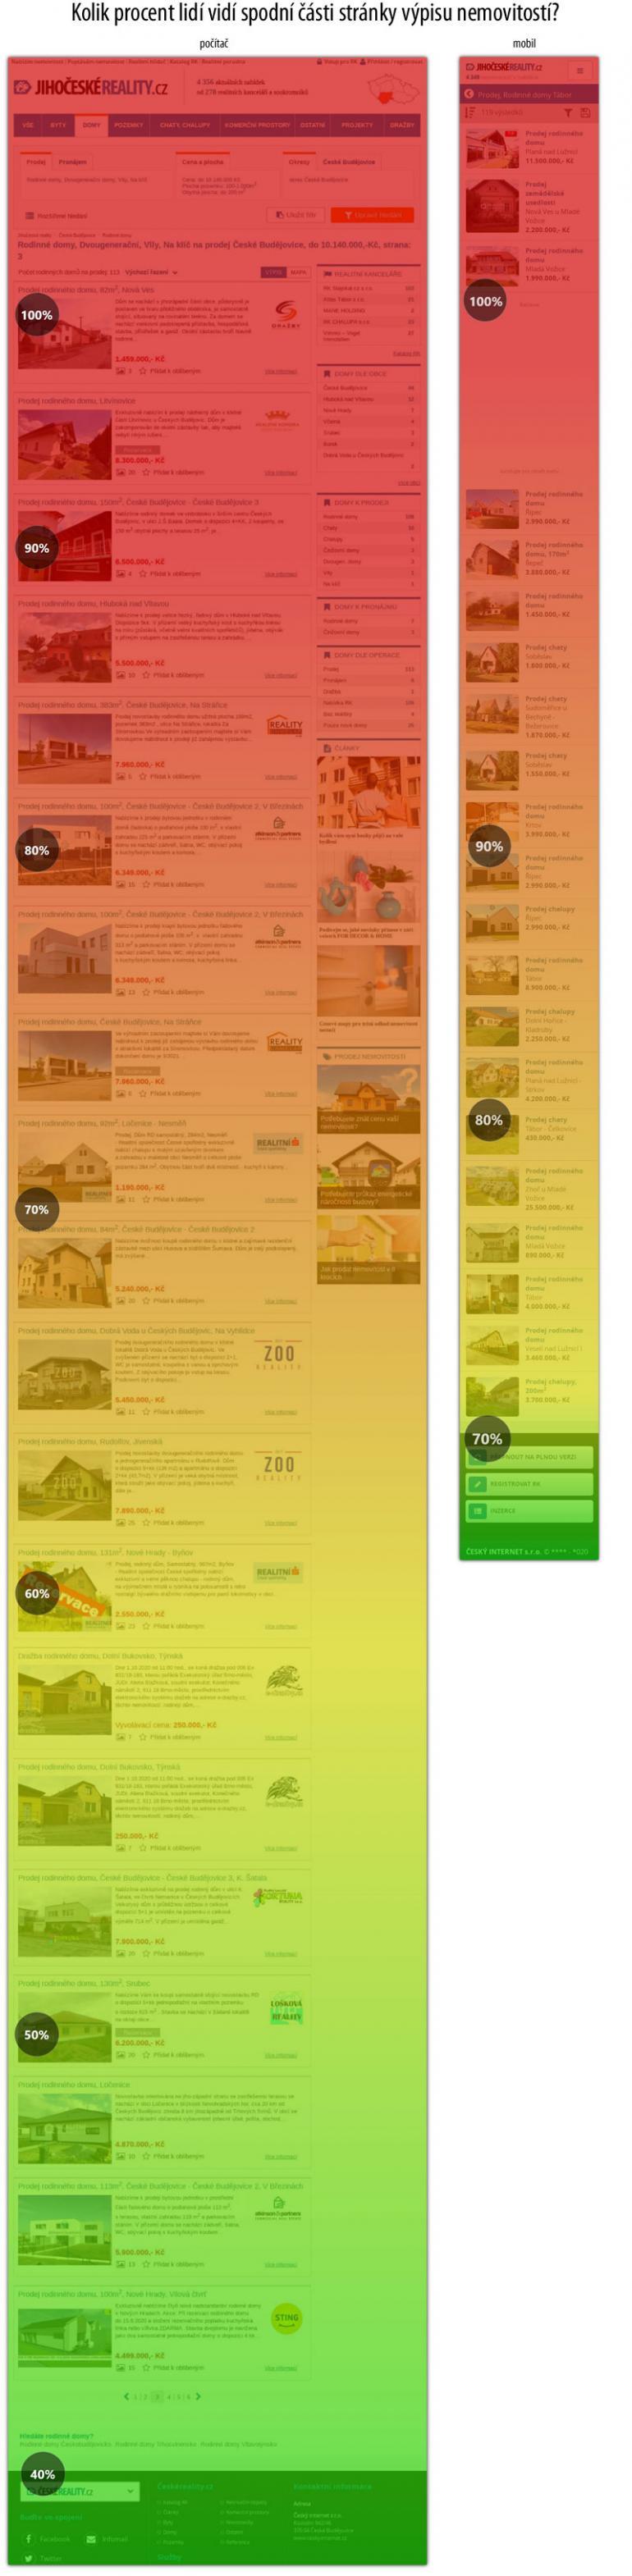 Víte, že ve výpisu nemovitostí jen málokdo vidí níže umístěné inzeráty?